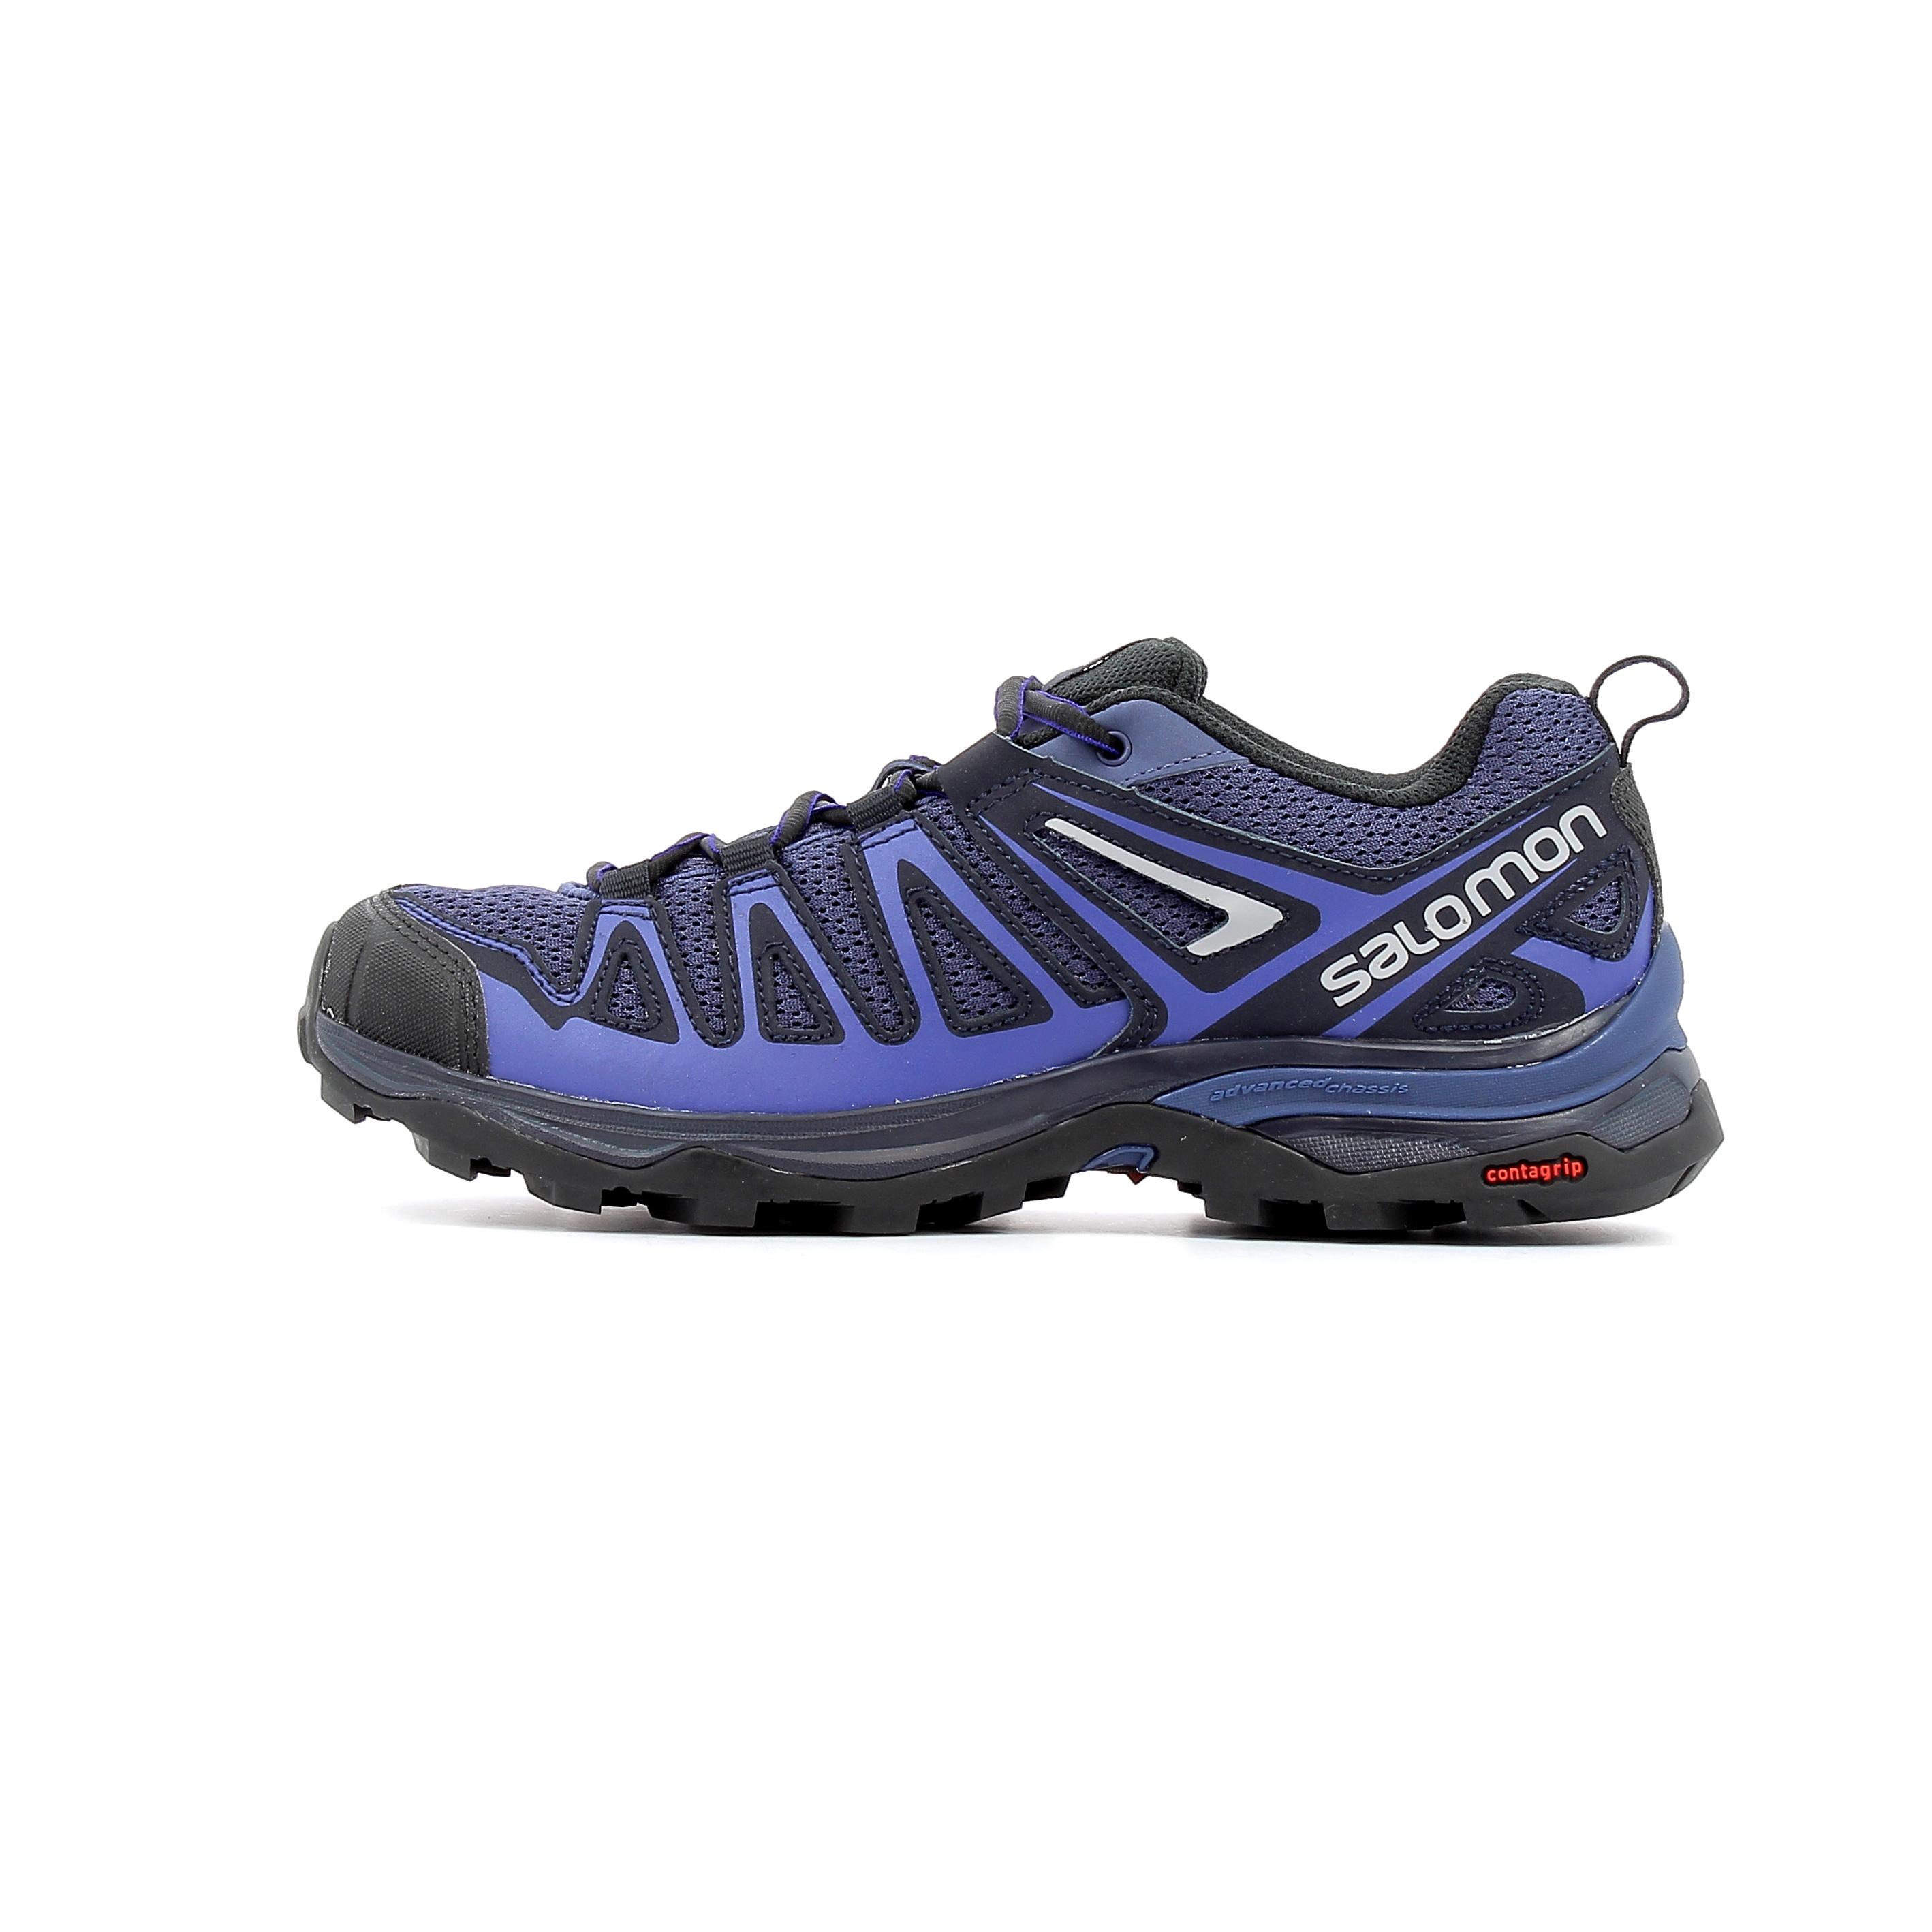 quality design f7848 19a64 Chaussures de randonnée Salomon X Ultra 3 Prime W